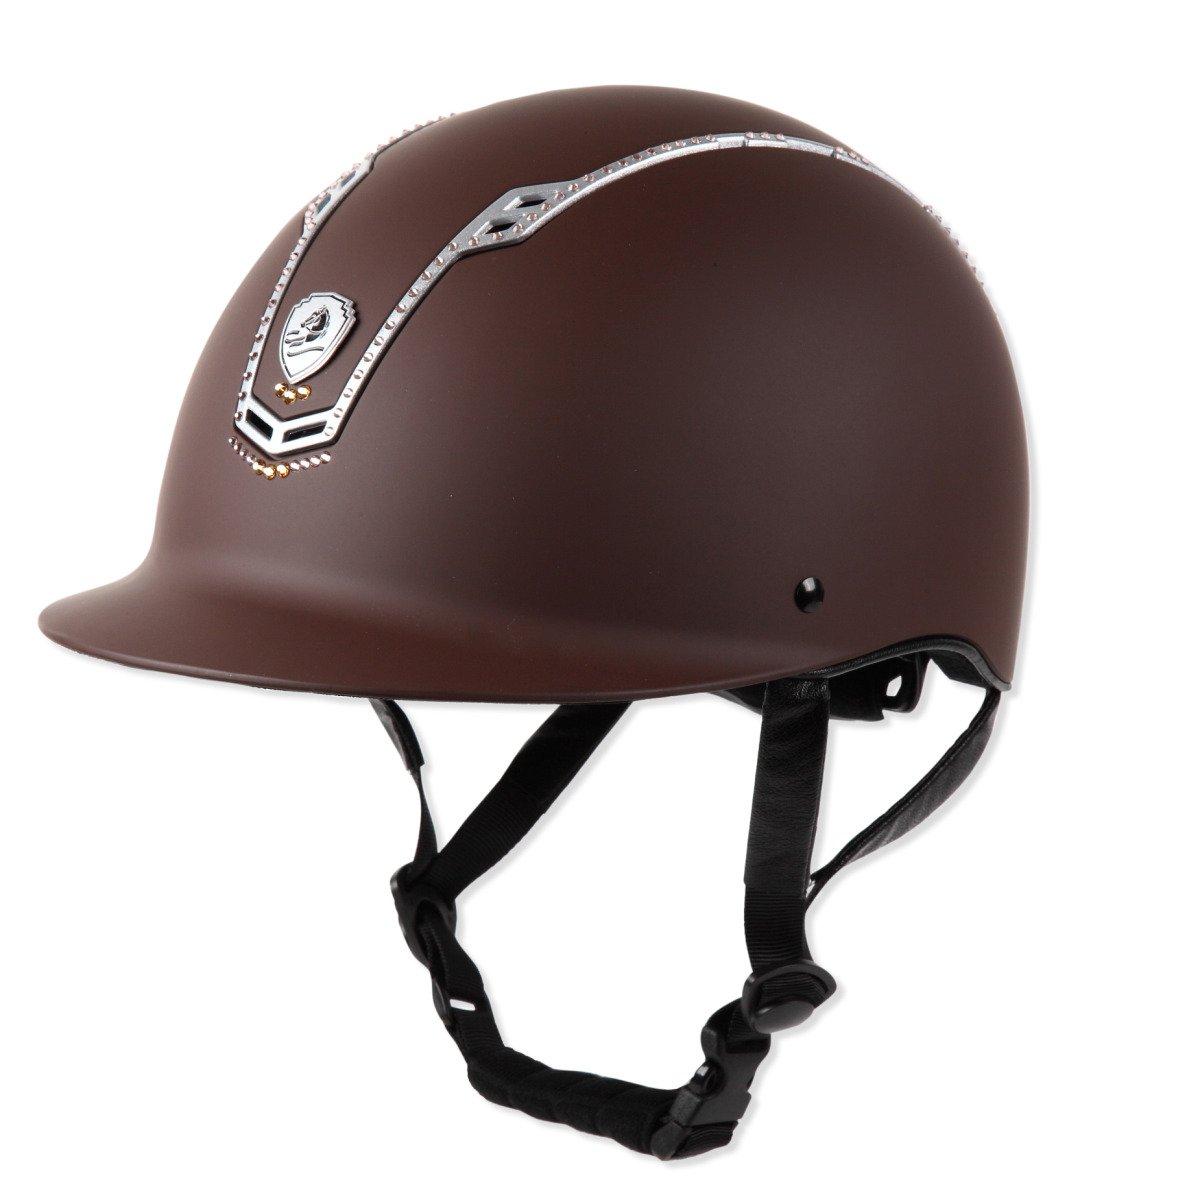 大切な EQULIBERTA ソリッド スワロフスキー ソリッド B07DLW75Q7 ダイヤル調整ヘルメット B07DLW75Q7 ブラウン Small|ブラウン ブラウン Small, オガチマチ:774e3076 --- svecha37.ru